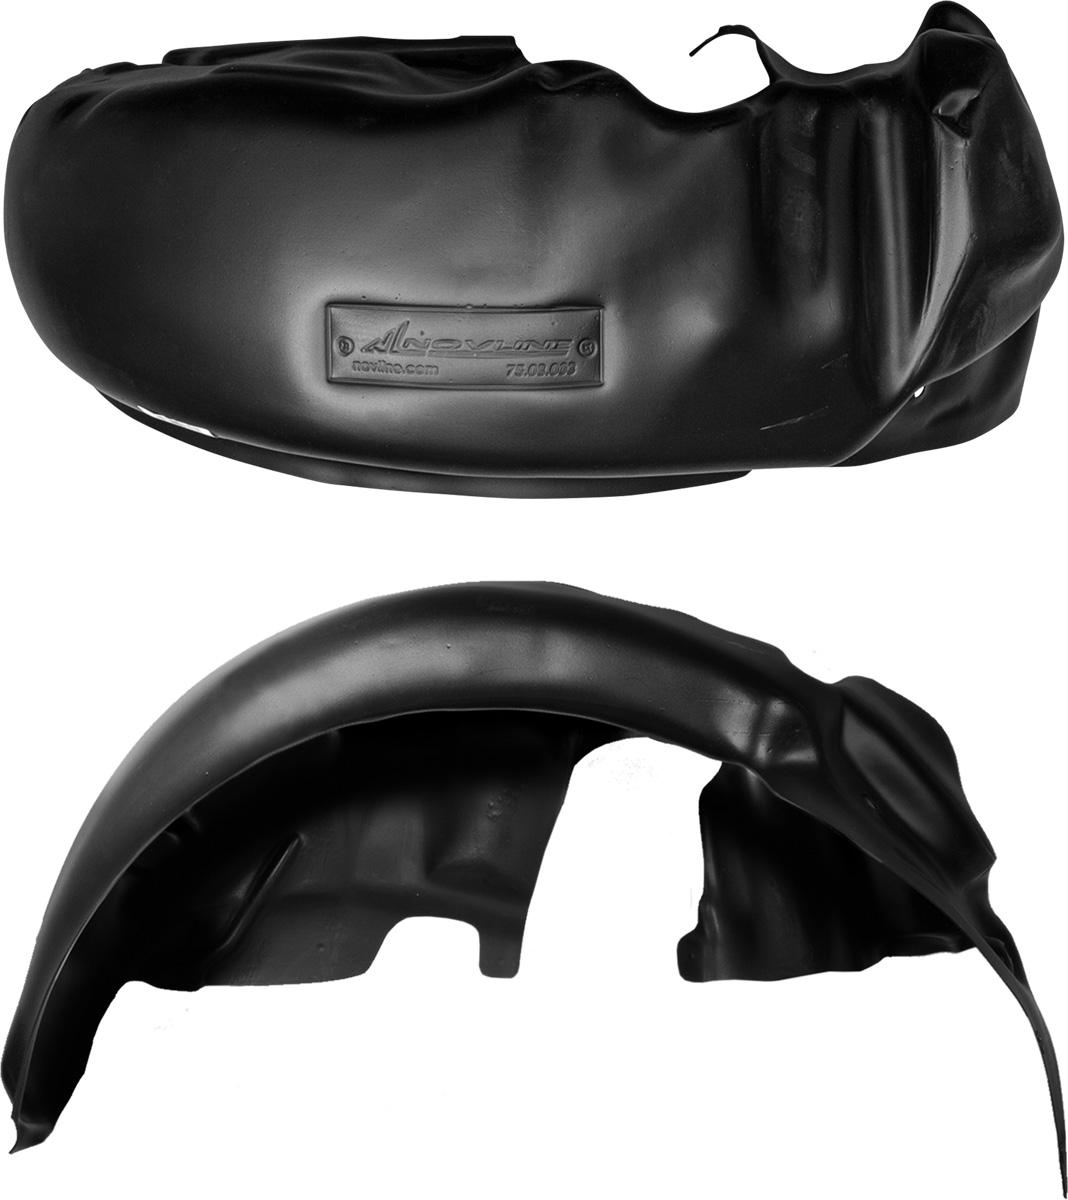 Подкрылок RENAULT Logan, 2014->, задний левый2706 (ПО)Колесные ниши – одни из самых уязвимых зон днища вашего автомобиля. Они постоянно подвергаются воздействию со стороны дороги. Лучшая, почти абсолютная защита для них - специально отформованные пластиковые кожухи, которые называются подкрылками, или локерами. Производятся они как для отечественных моделей автомобилей, так и для иномарок. Подкрылки выполнены из высококачественного, экологически чистого пластика. Обеспечивают надежную защиту кузова автомобиля от пескоструйного эффекта и негативного влияния, агрессивных антигололедных реагентов. Пластик обладает более низкой теплопроводностью, чем металл, поэтому в зимний период эксплуатации использование пластиковых подкрылков позволяет лучше защитить колесные ниши от налипания снега и образования наледи. Оригинальность конструкции подчеркивает элегантность автомобиля, бережно защищает нанесенное на днище кузова антикоррозийное покрытие и позволяет осуществить крепление подкрылков внутри колесной арки практически без дополнительного крепежа и сверления, не нарушая при этом лакокрасочного покрытия, что предотвращает возникновение новых очагов коррозии. Технология крепления подкрылков на иномарки принципиально отличается от крепления на российские автомобили и разрабатывается индивидуально для каждой модели автомобиля. Подкрылки долговечны, обладают высокой прочностью и сохраняют заданную форму, а также все свои физико-механические характеристики в самых тяжелых климатических условиях ( от -50° С до + 50° С).